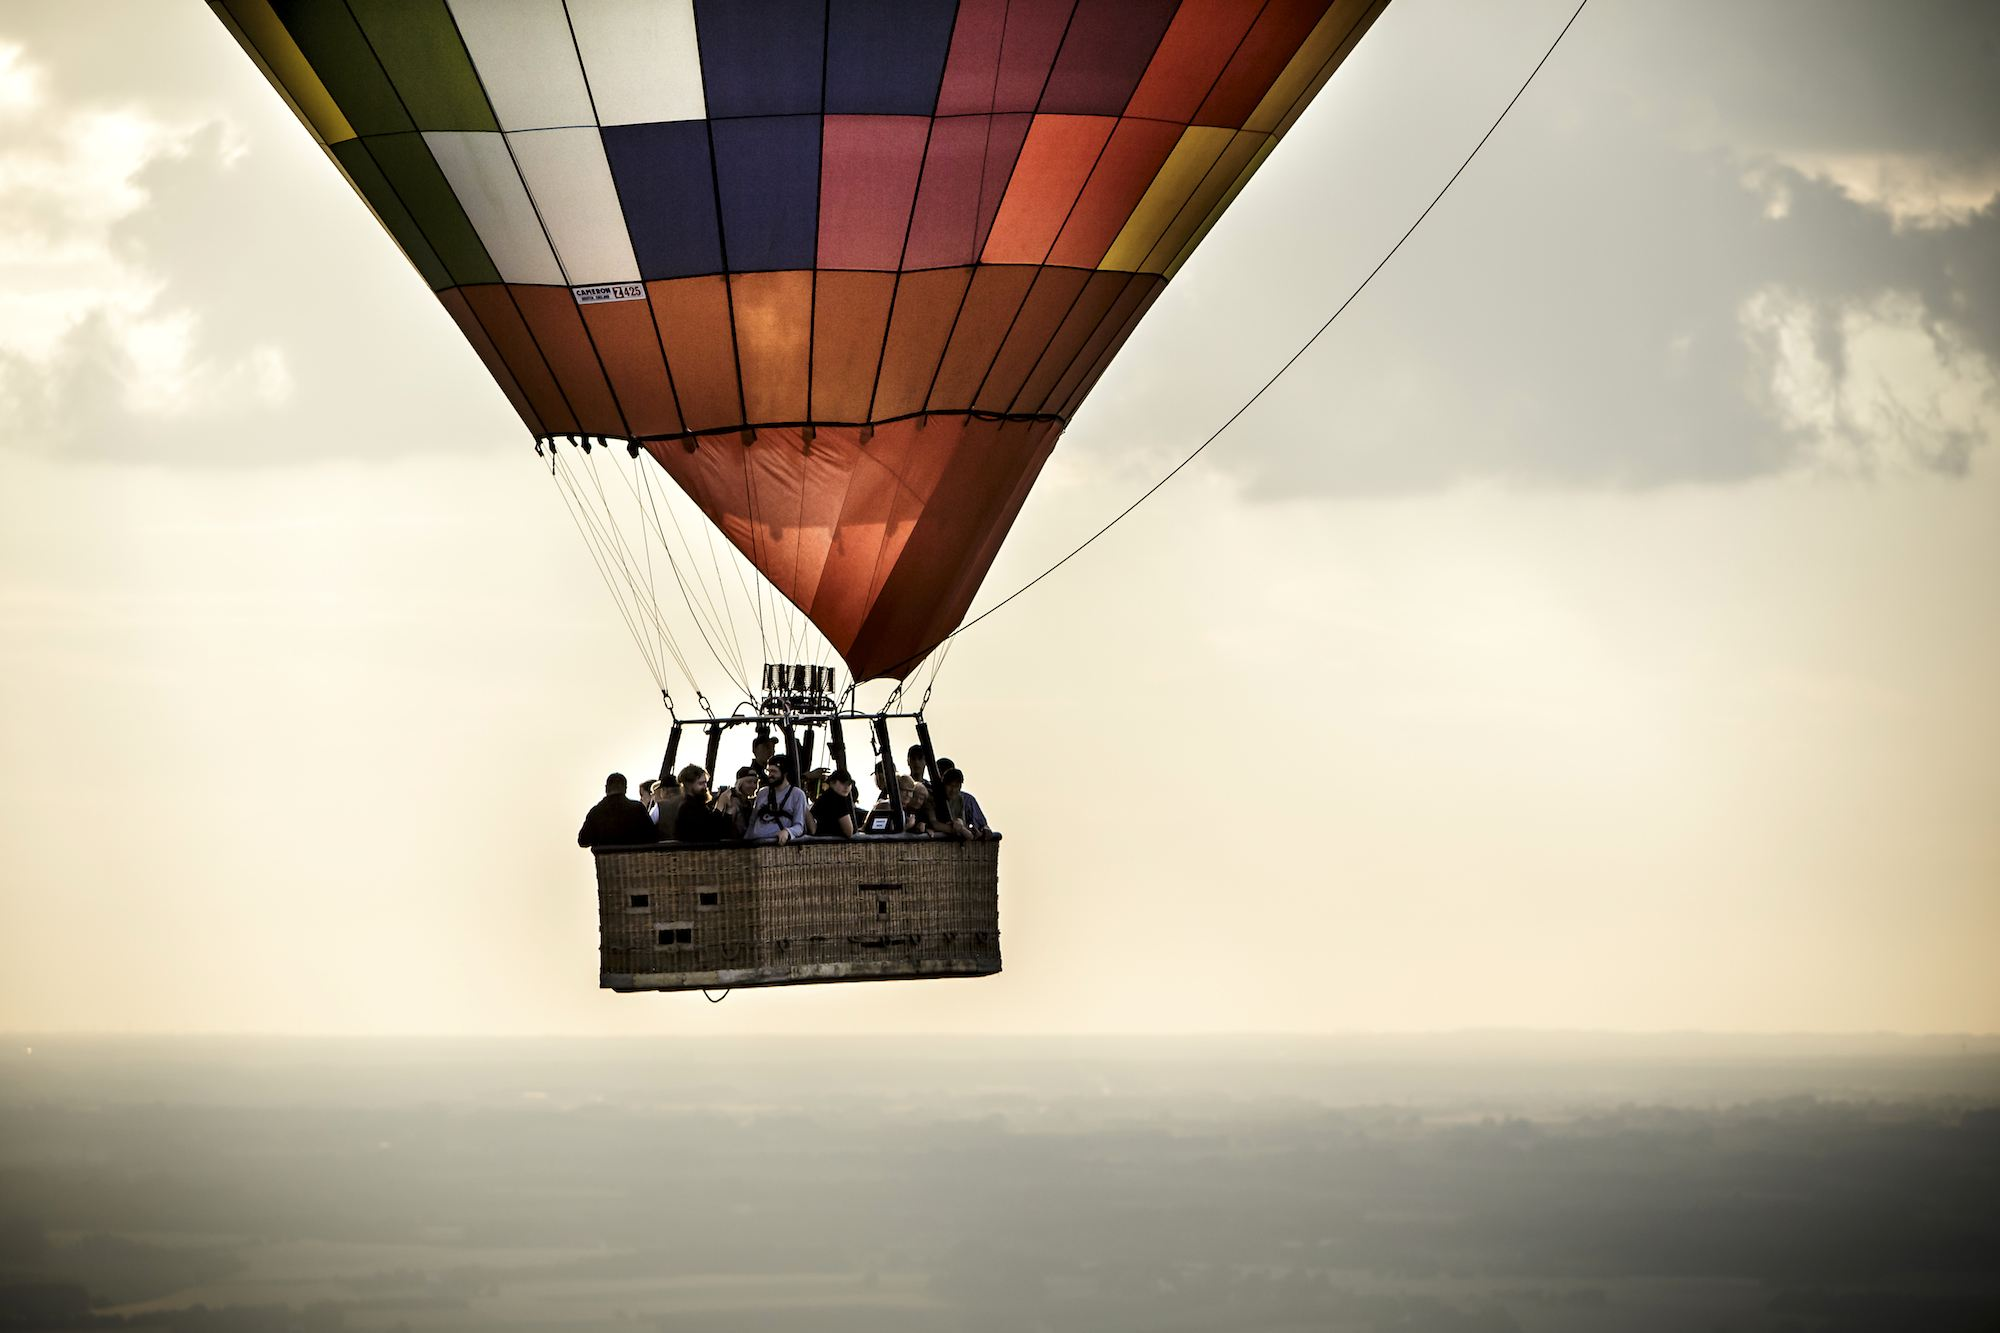 En ballonflyvning er en spændende gave